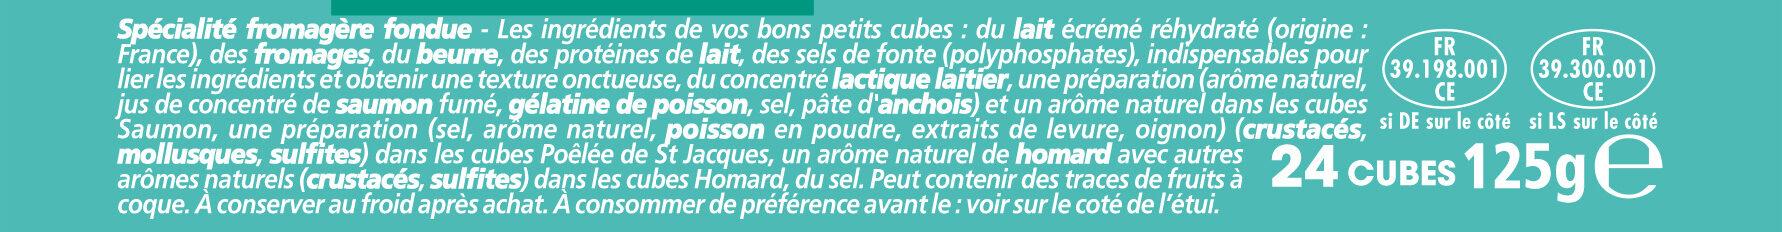 Apéricube Recettes du Pêcheur 24C - Ingrédients - fr